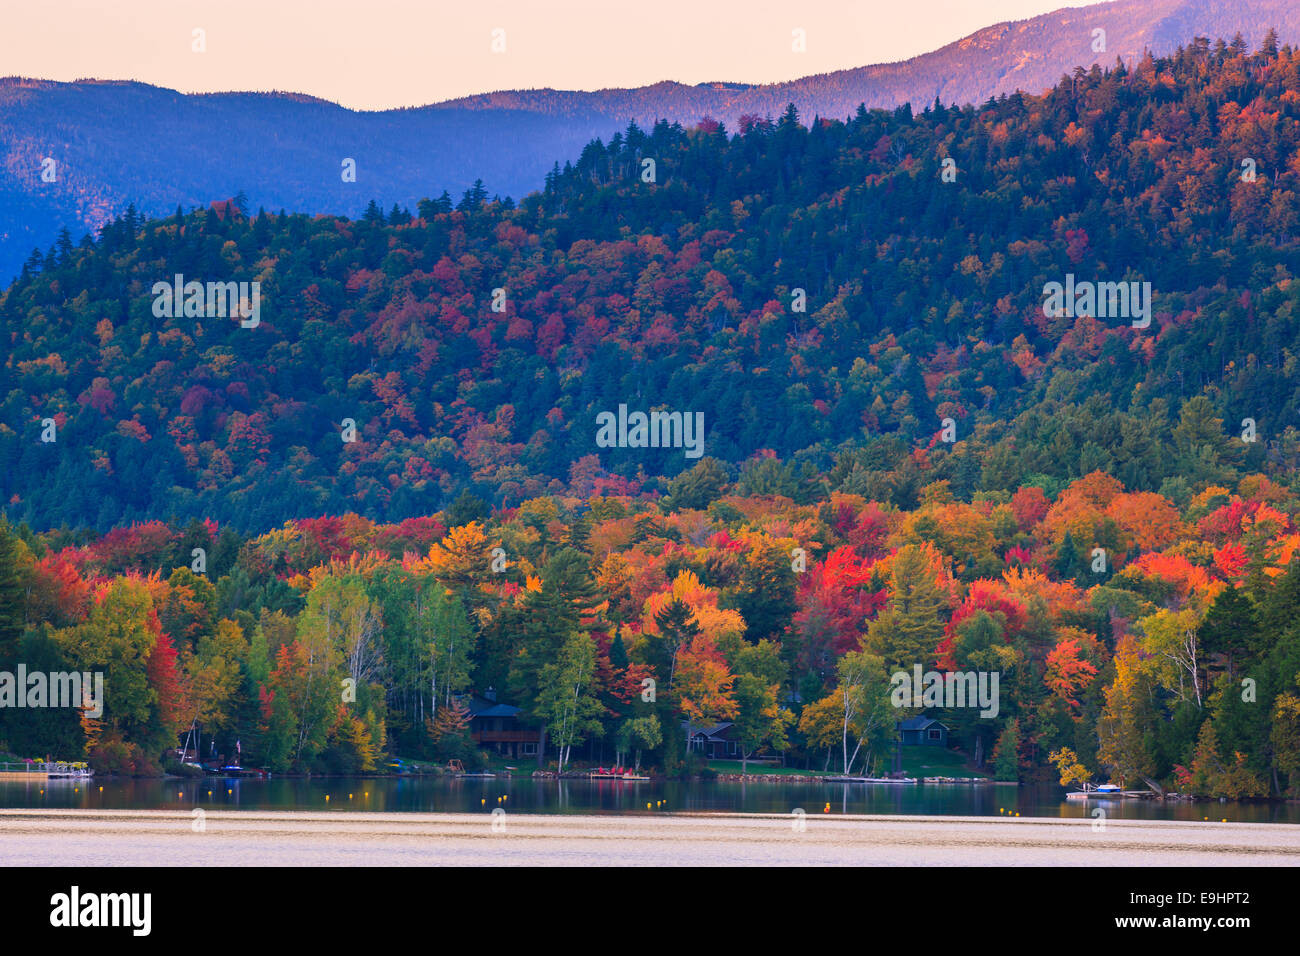 Herbstfarben am Mirror Lake in Lake Placid im Adirondack State Park im nördlichen Teil des New York State, USA Stockfoto